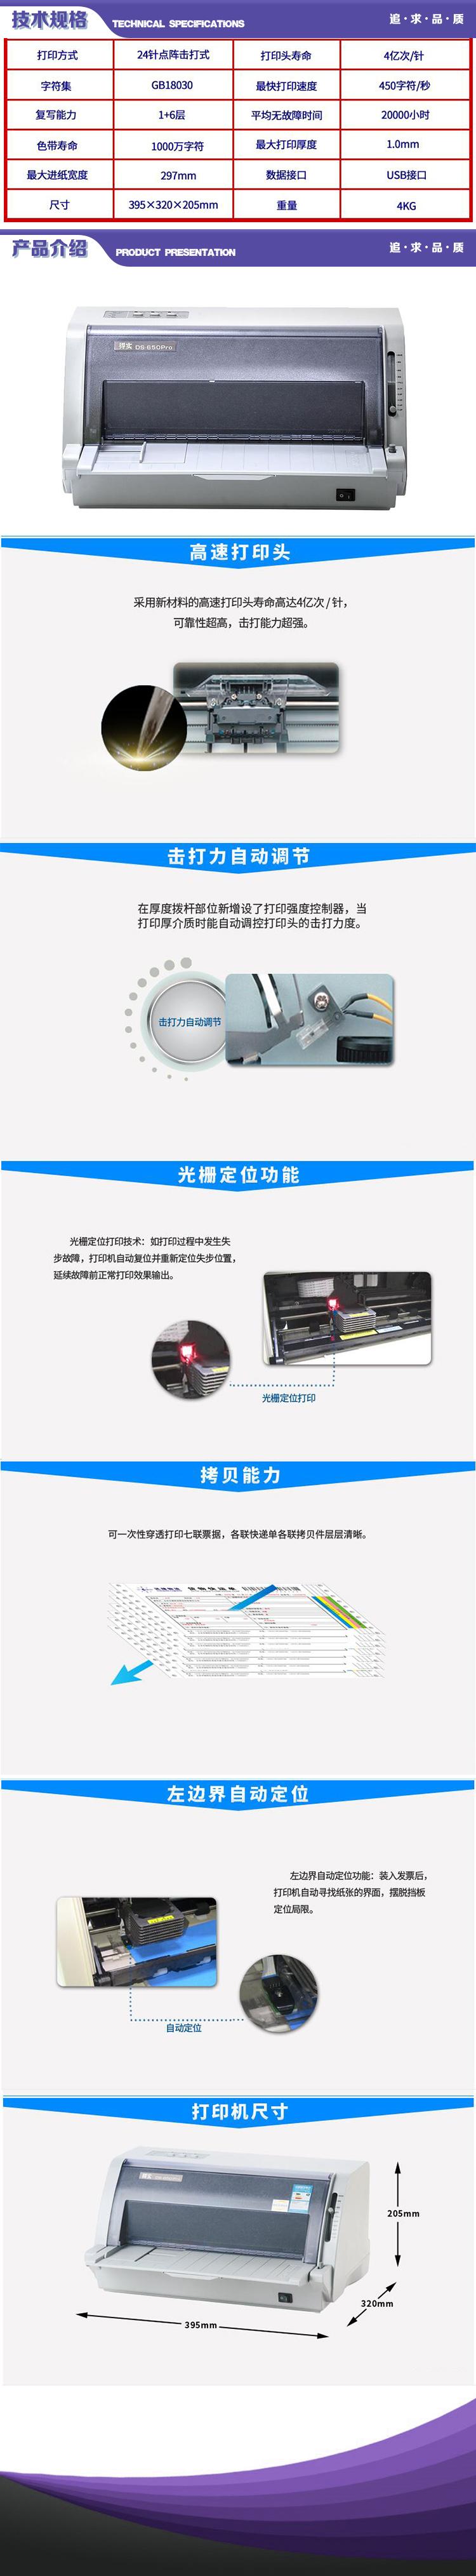 DS-650PRO.jpg